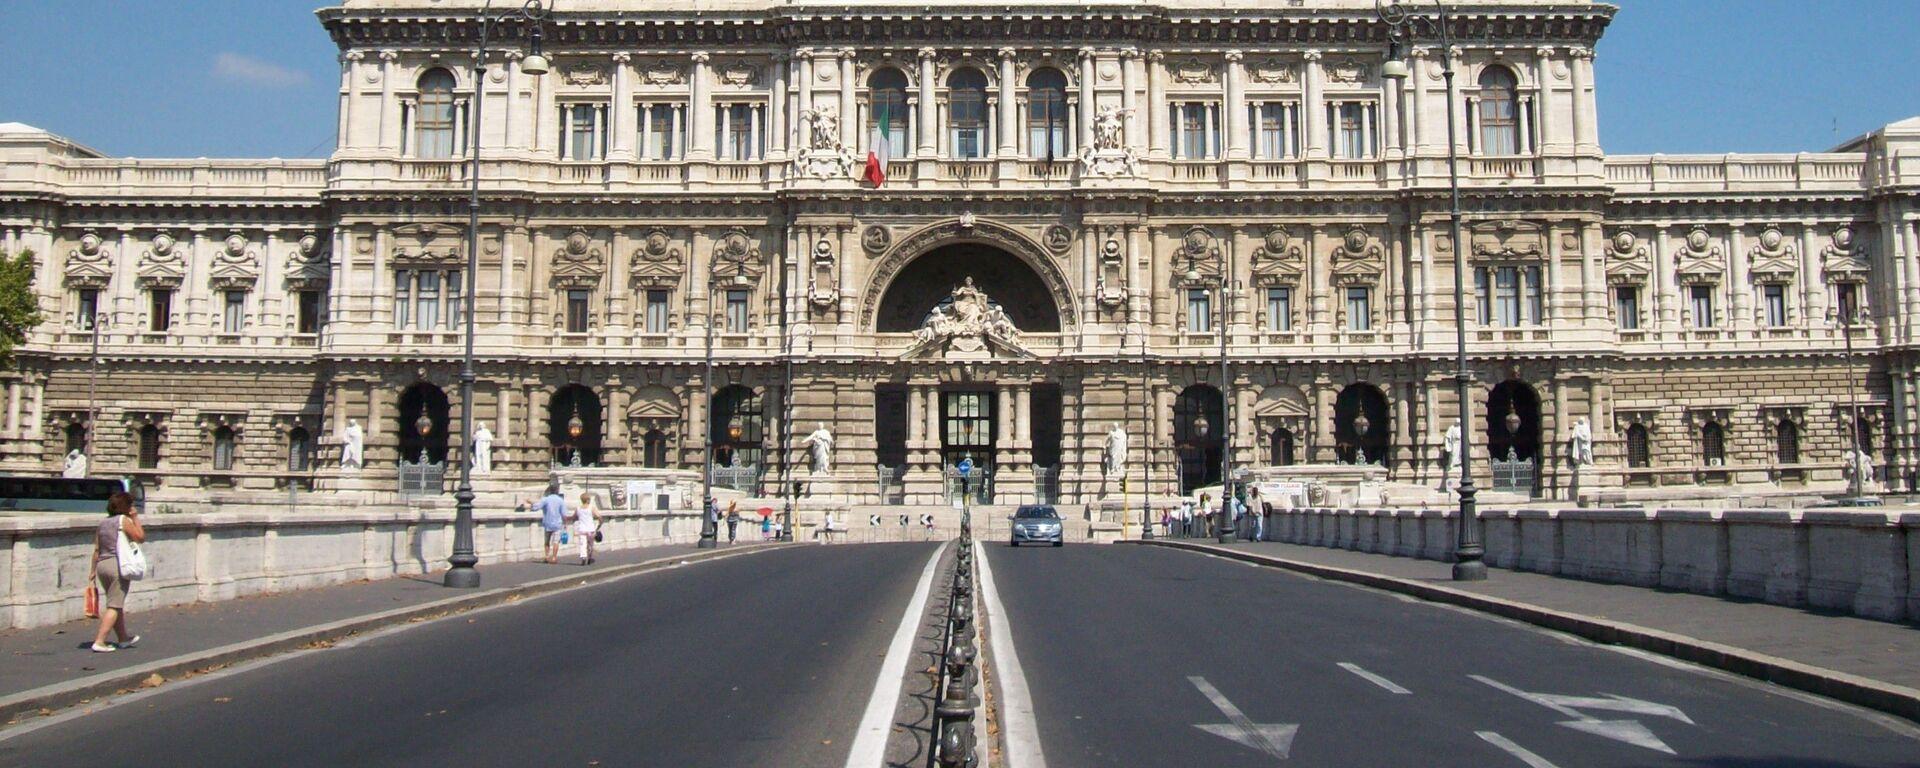 Palazzo di Giustizia, sede della Corte di Cassazione - Sputnik Italia, 1920, 20.06.2021